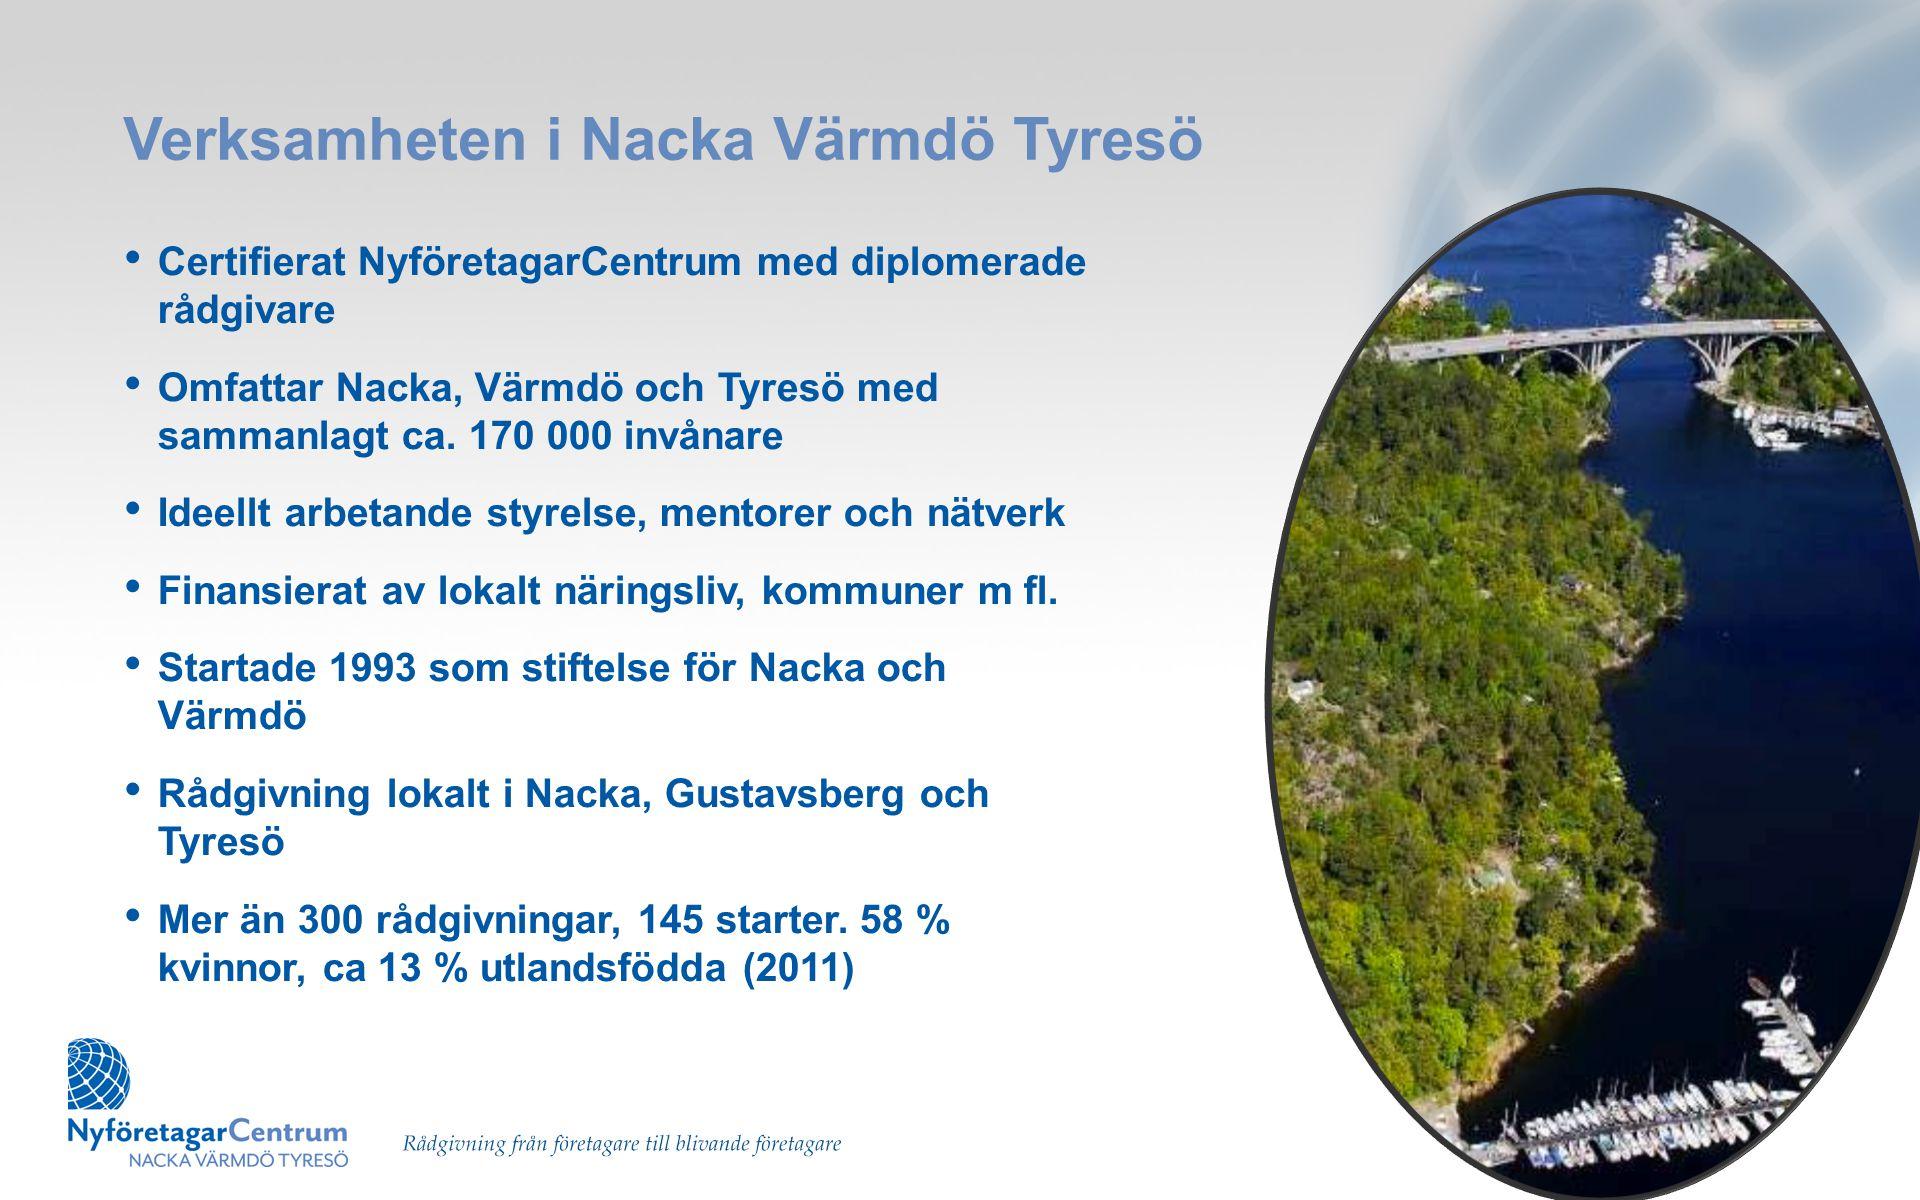 Verksamheten i Nacka Värmdö Tyresö